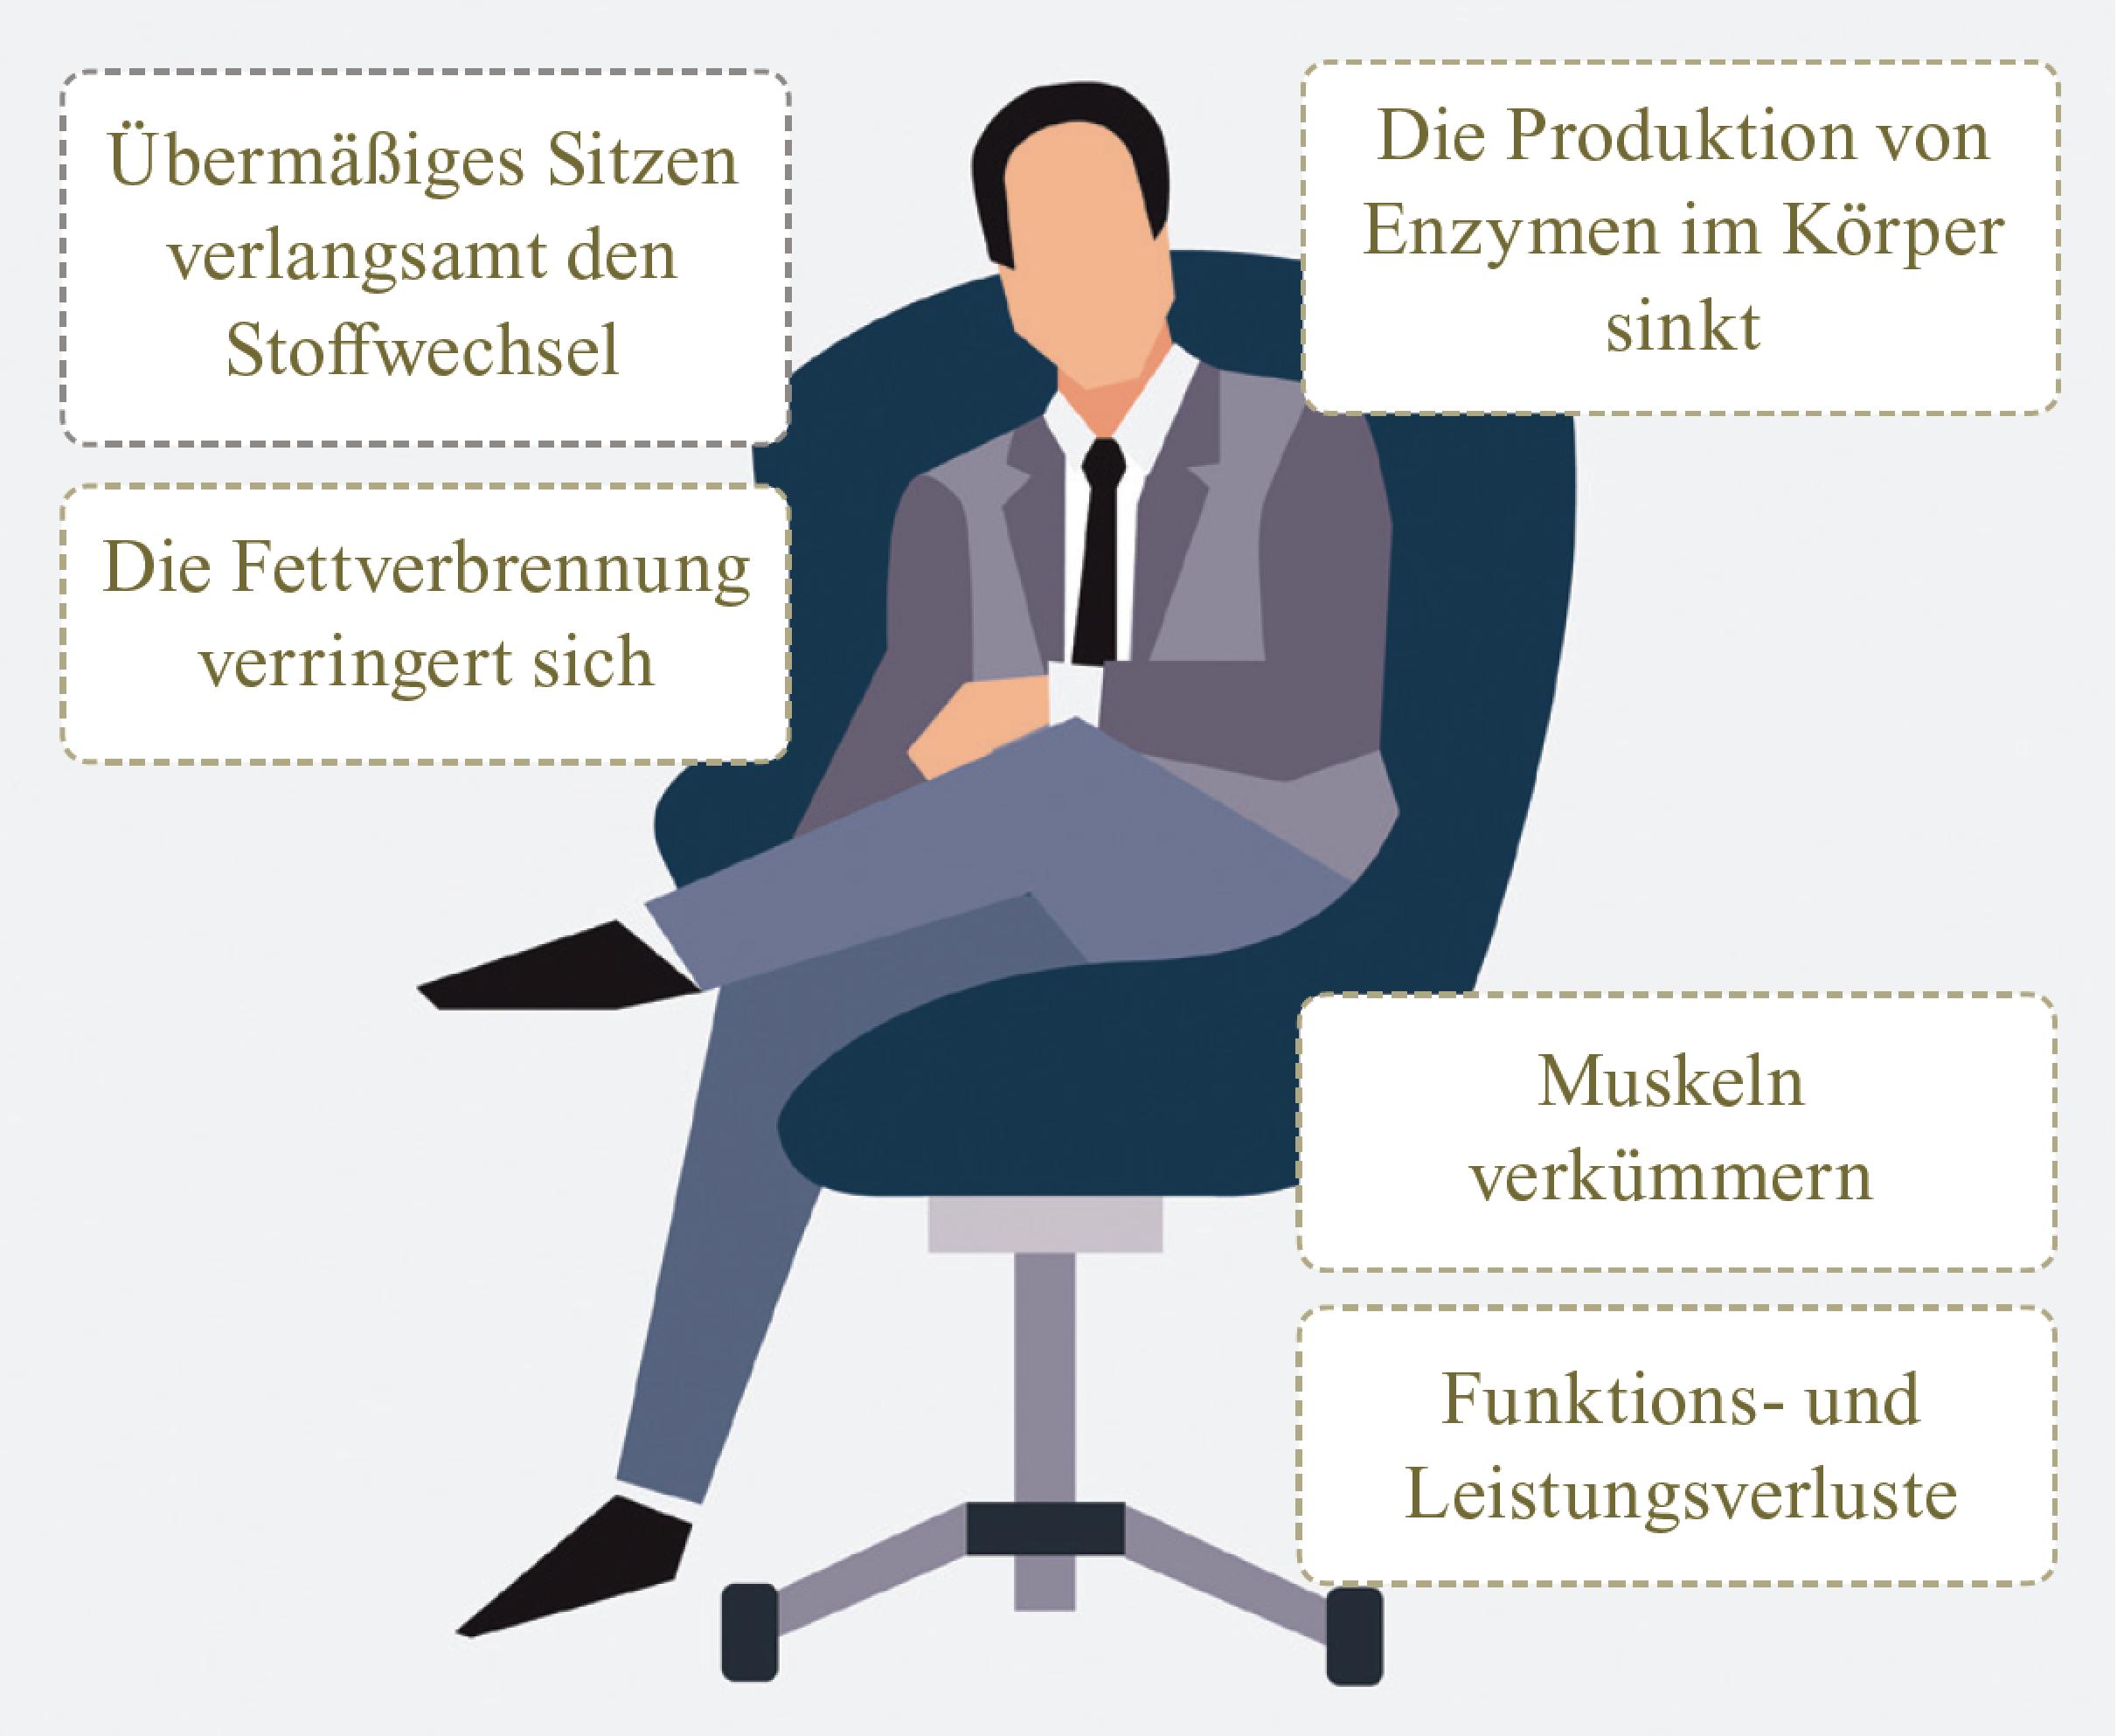 Rauchen-Sitzen-Folgen-Bewegung-Gesundheit-Dolzer-Blog.png